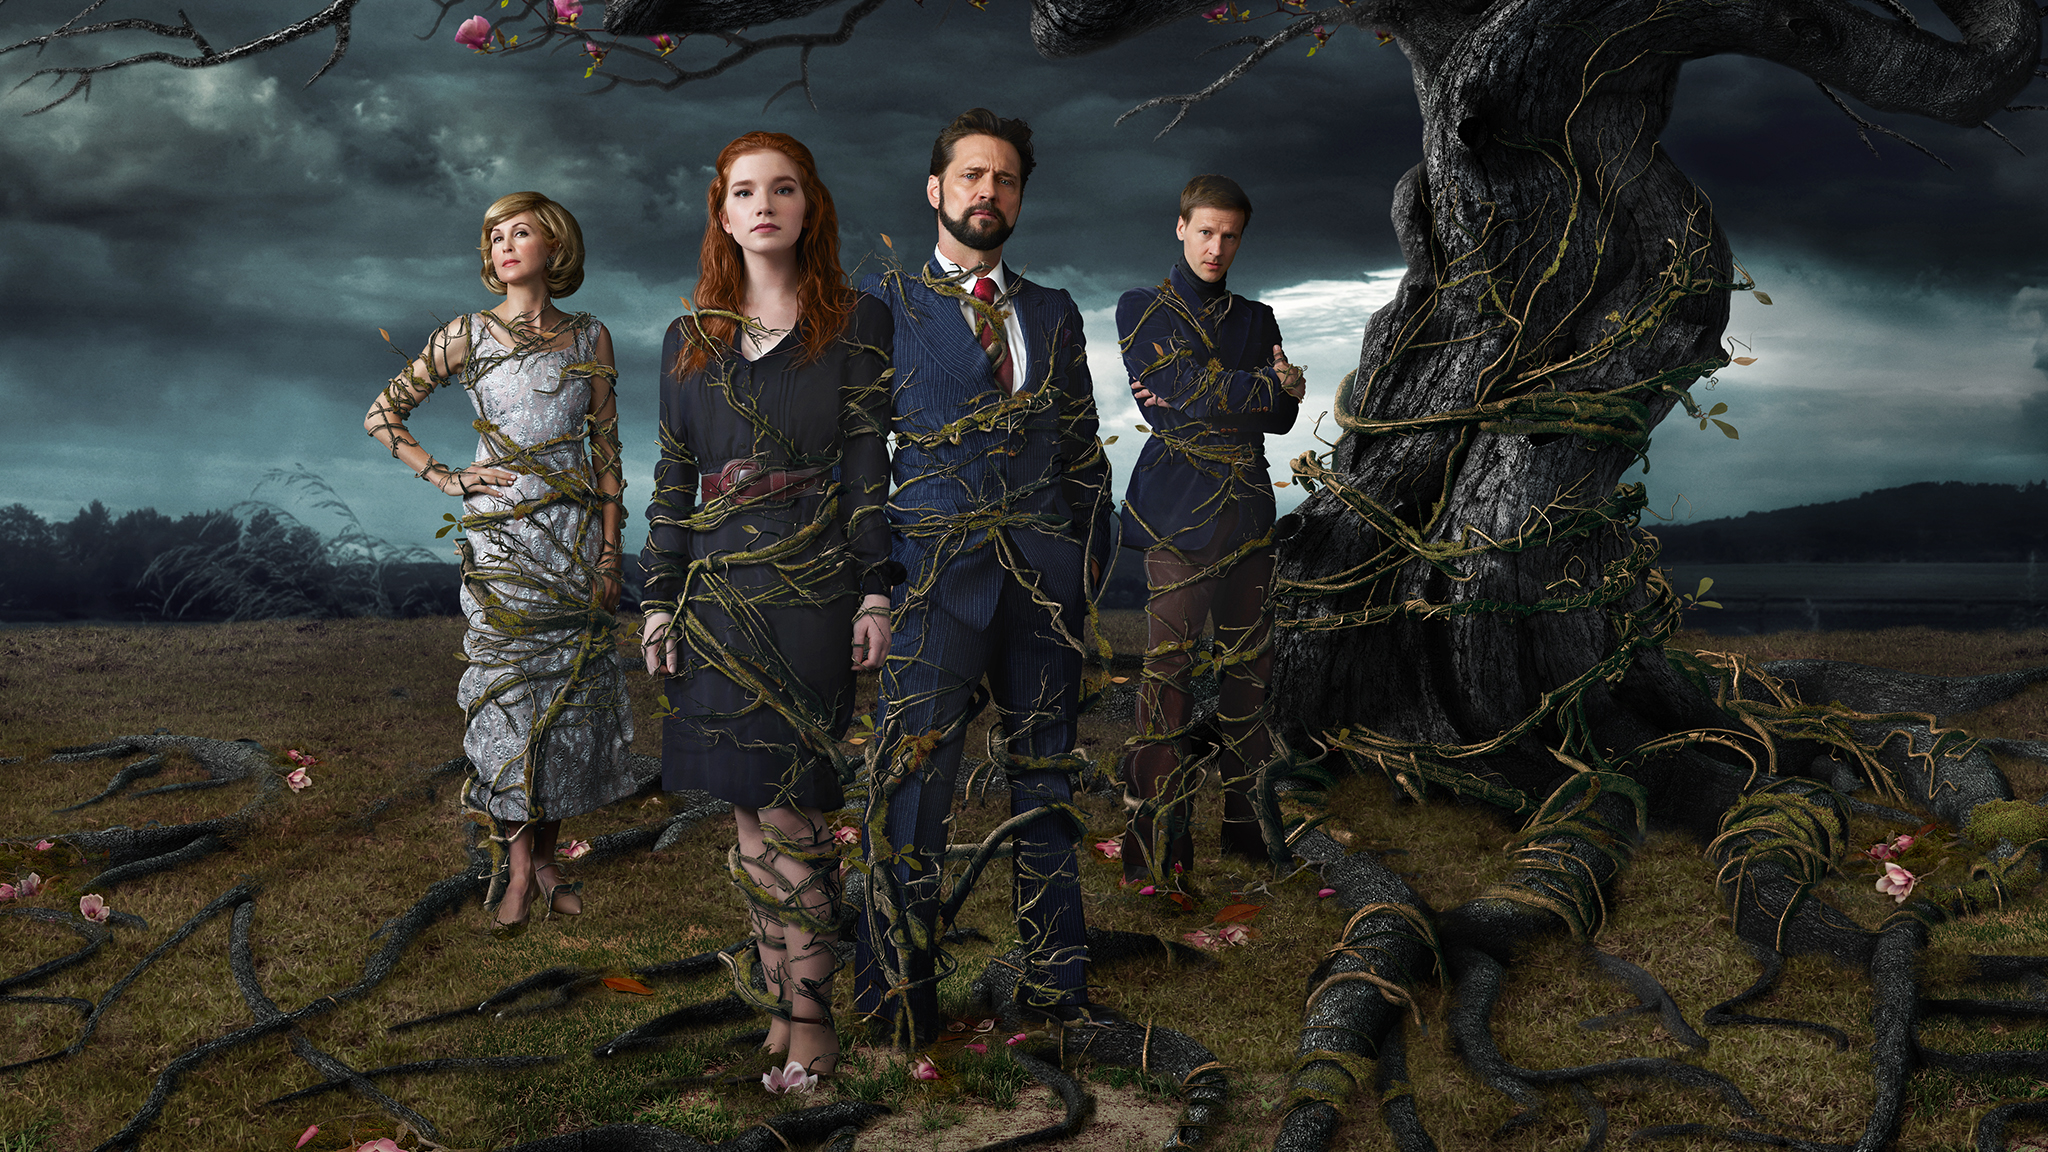 dark angel tv series watch online free